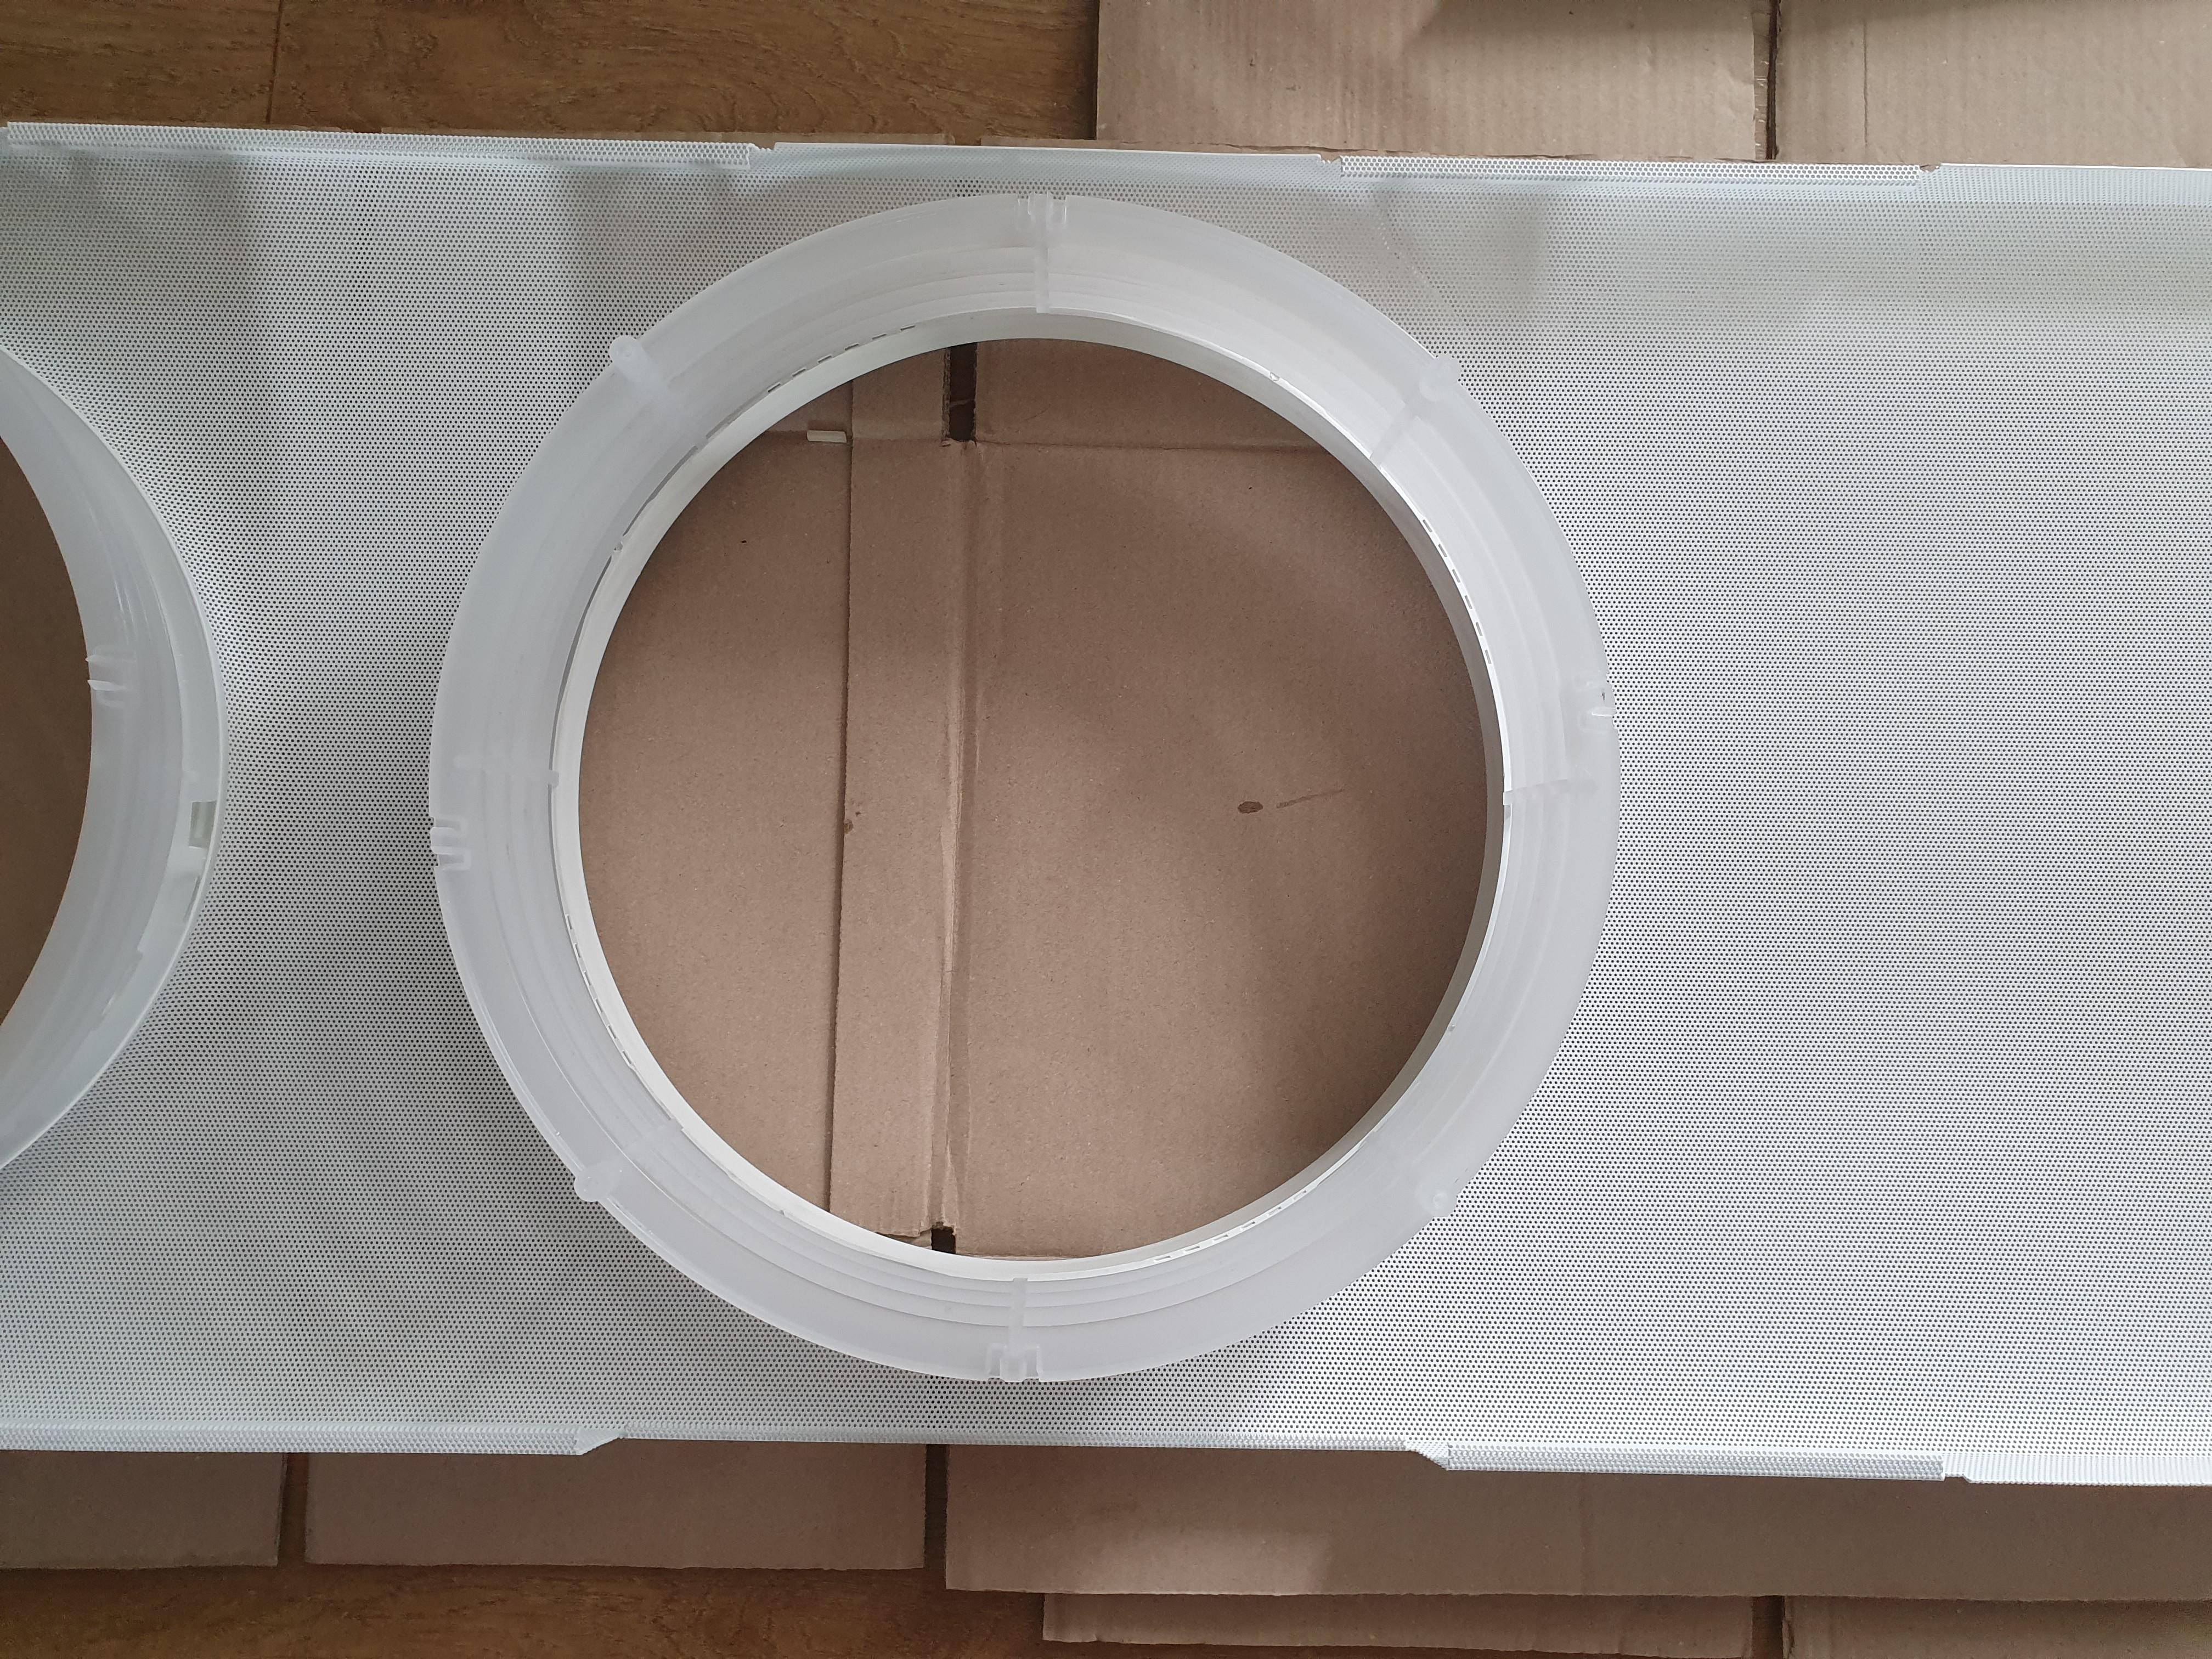 삼성 무풍에어컨 셀프 청소했습니다. 곰팡이 대박18